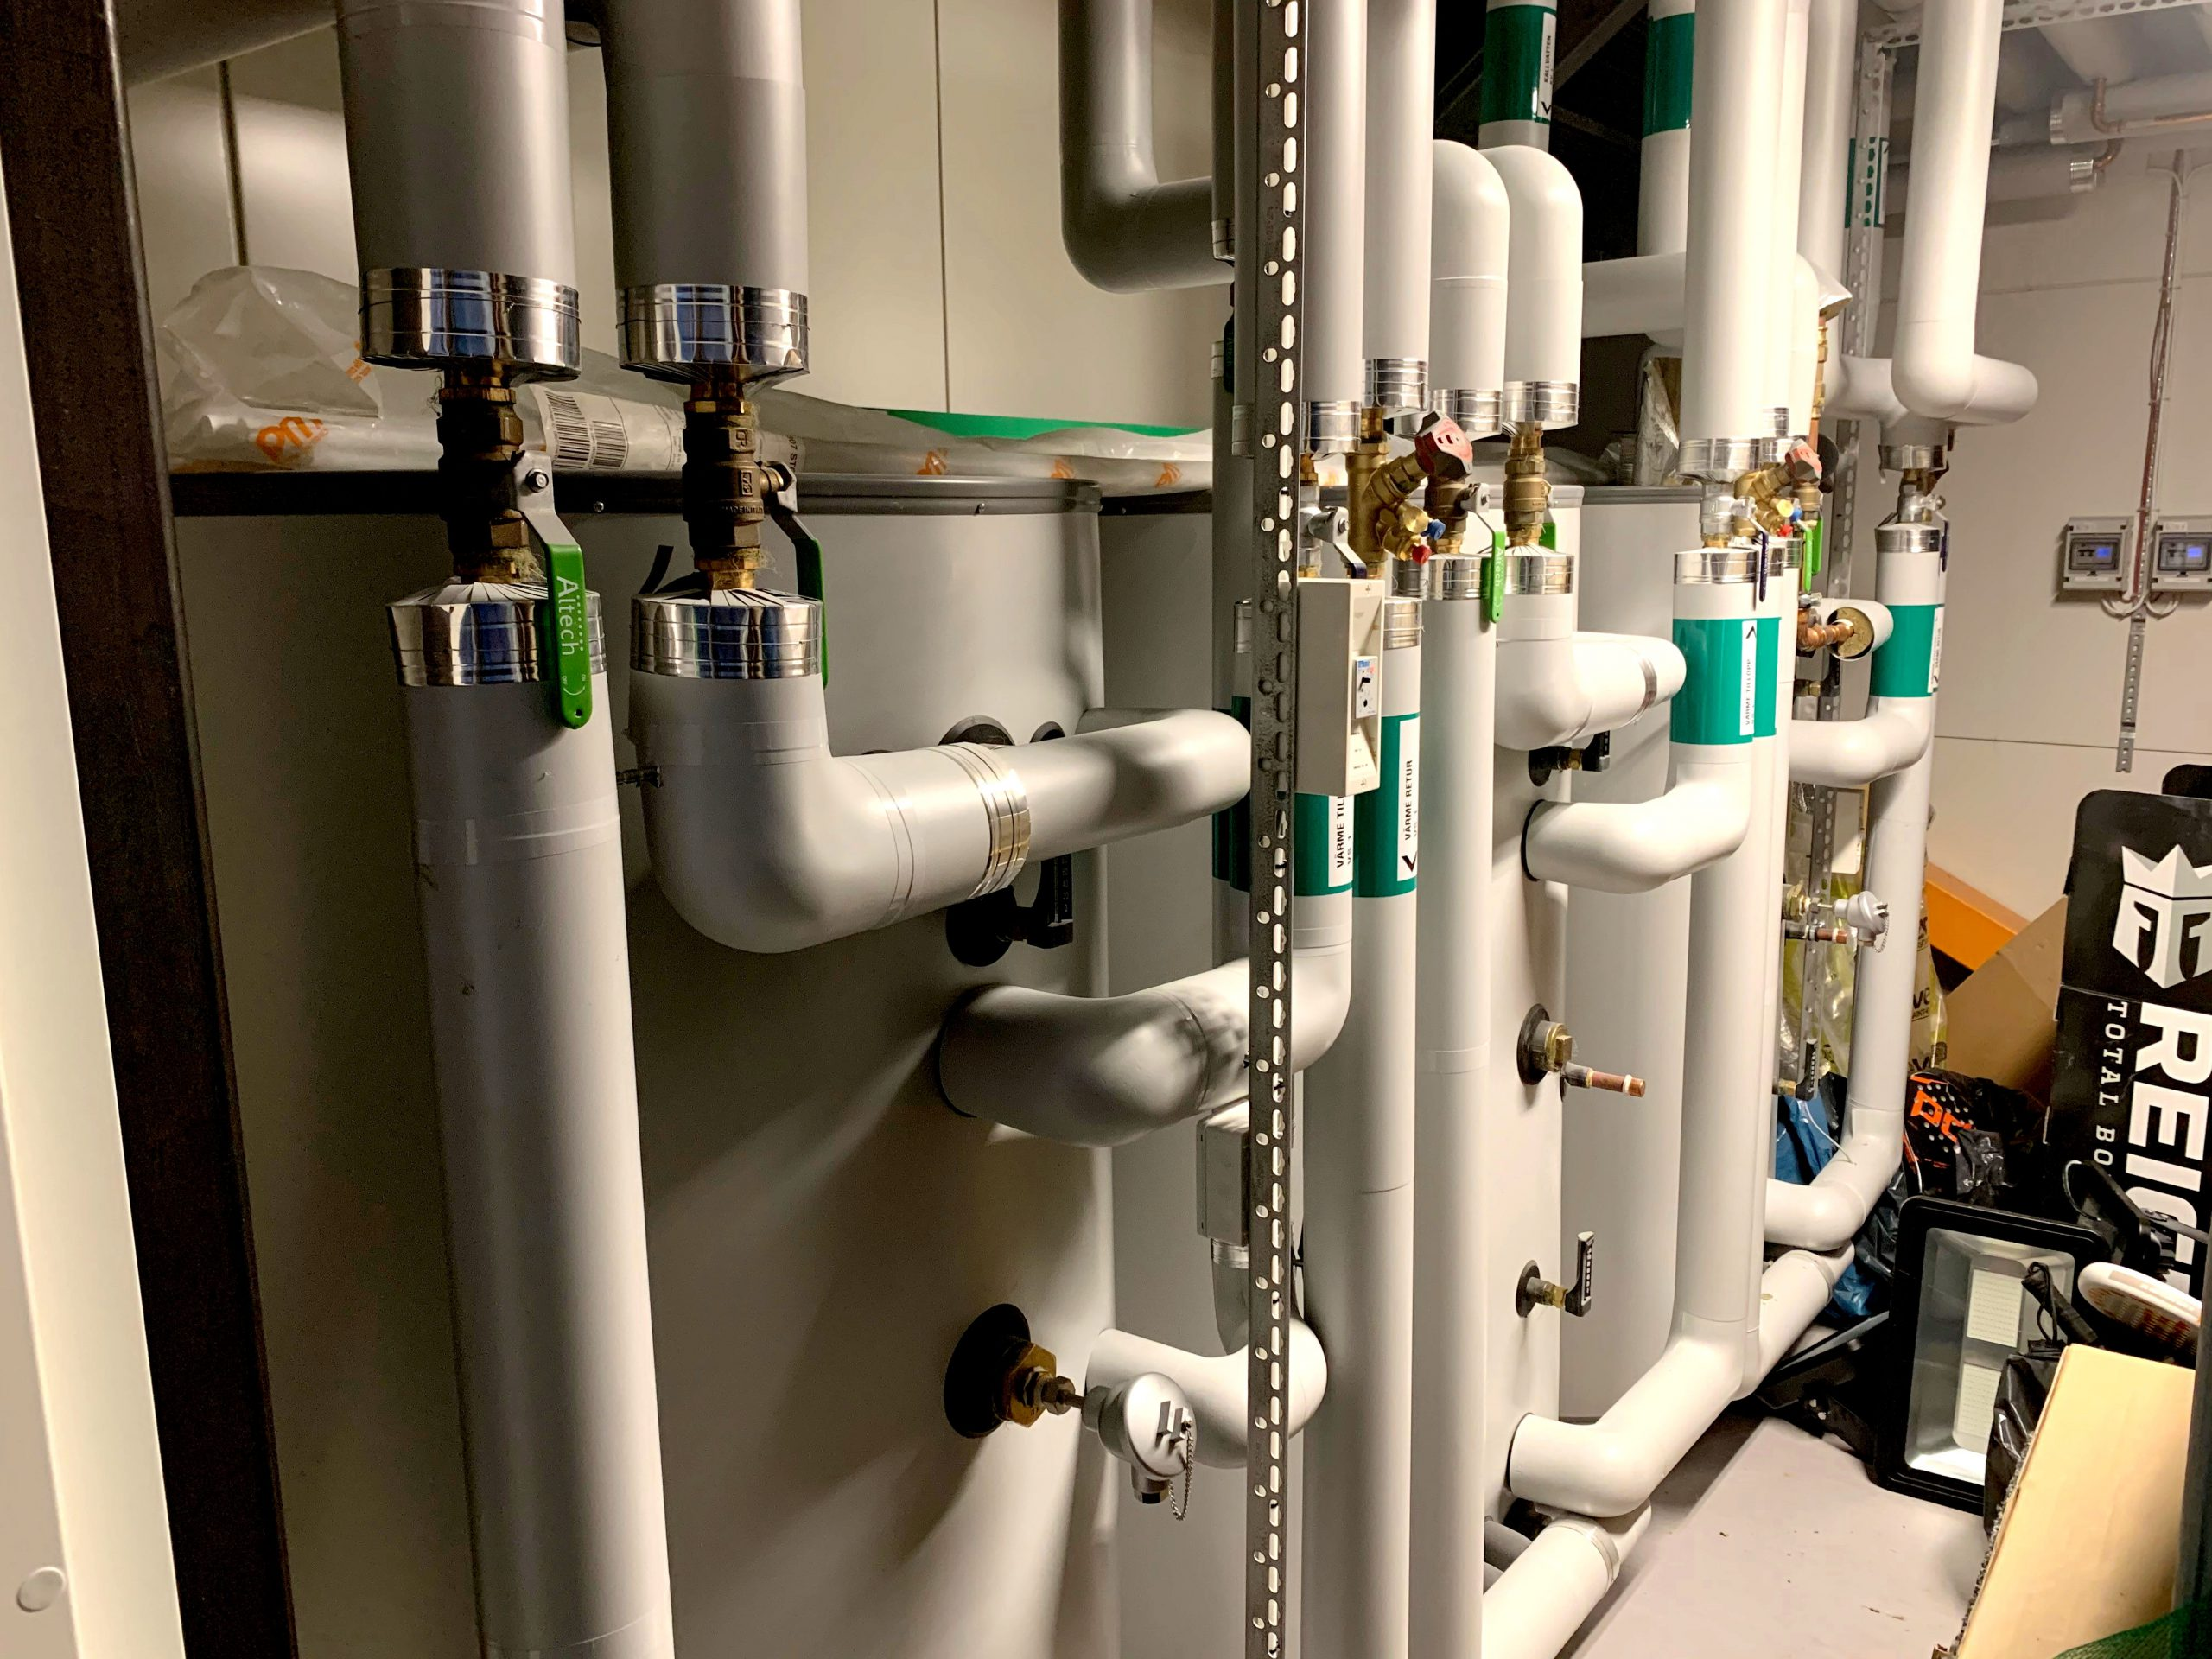 kylanläggning kyla värme padelcenter mölnlycke